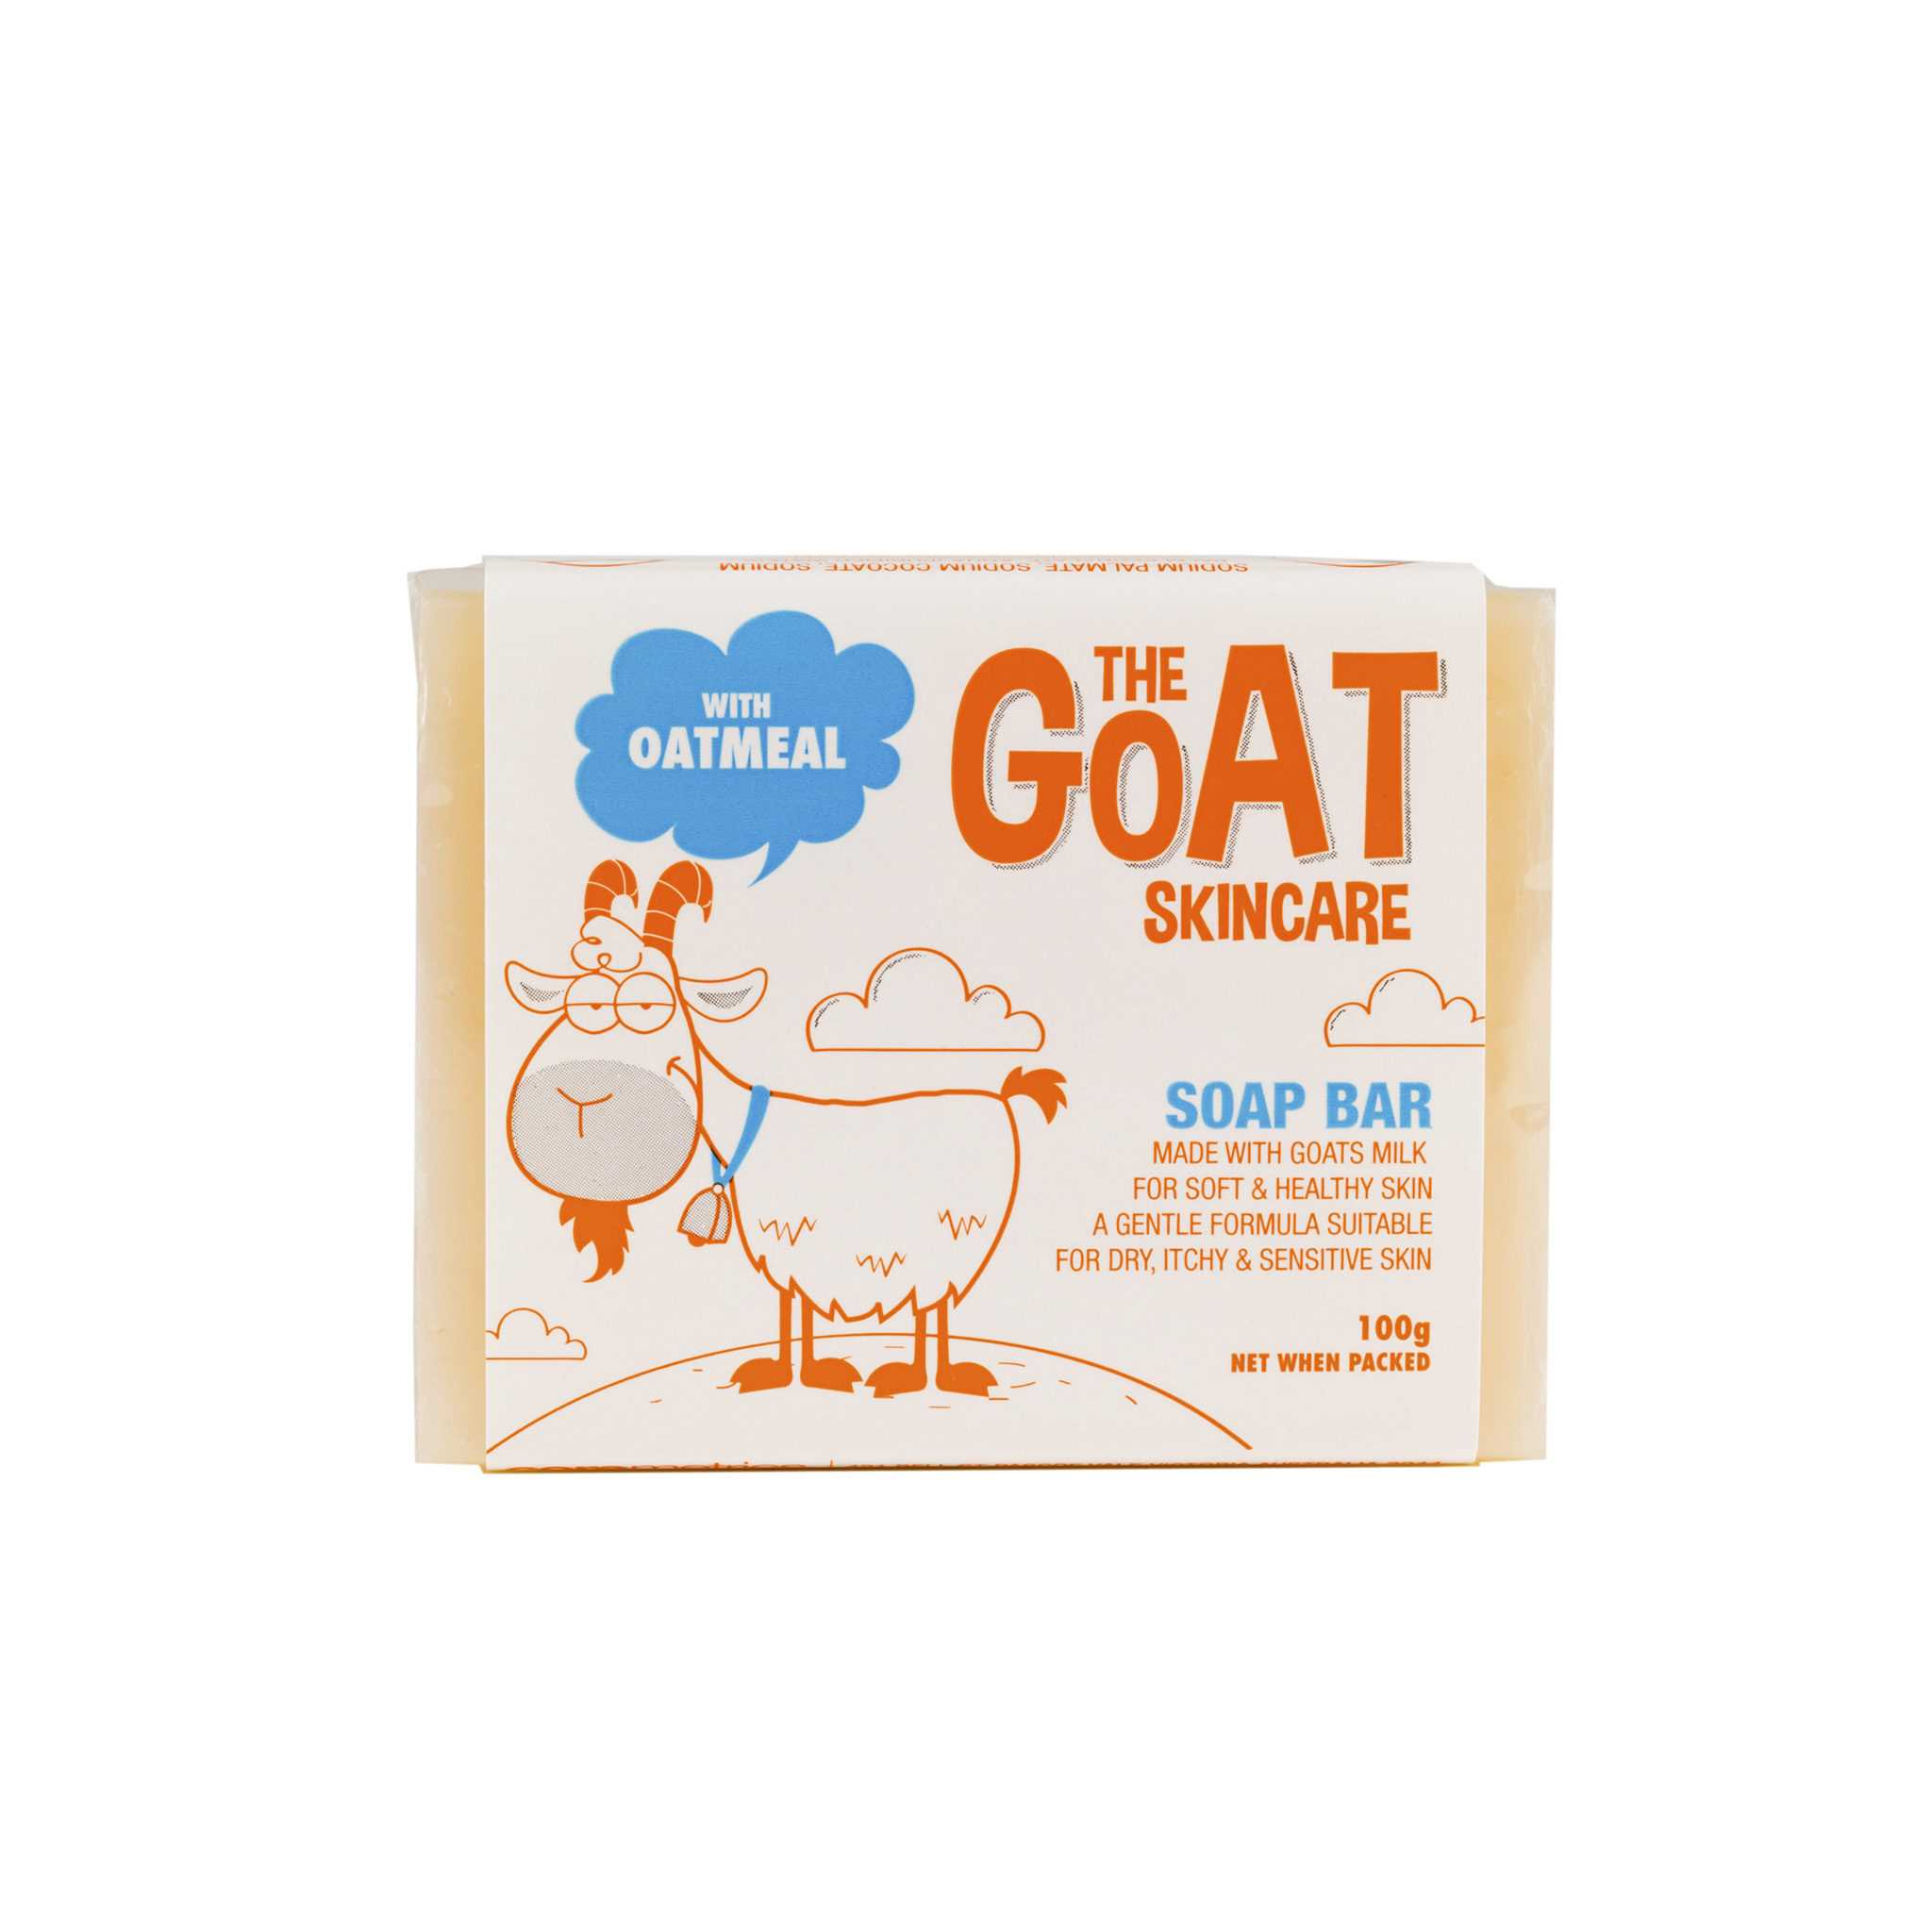 The Goat Skincare Soap Bar 羊奶燕麥香皂